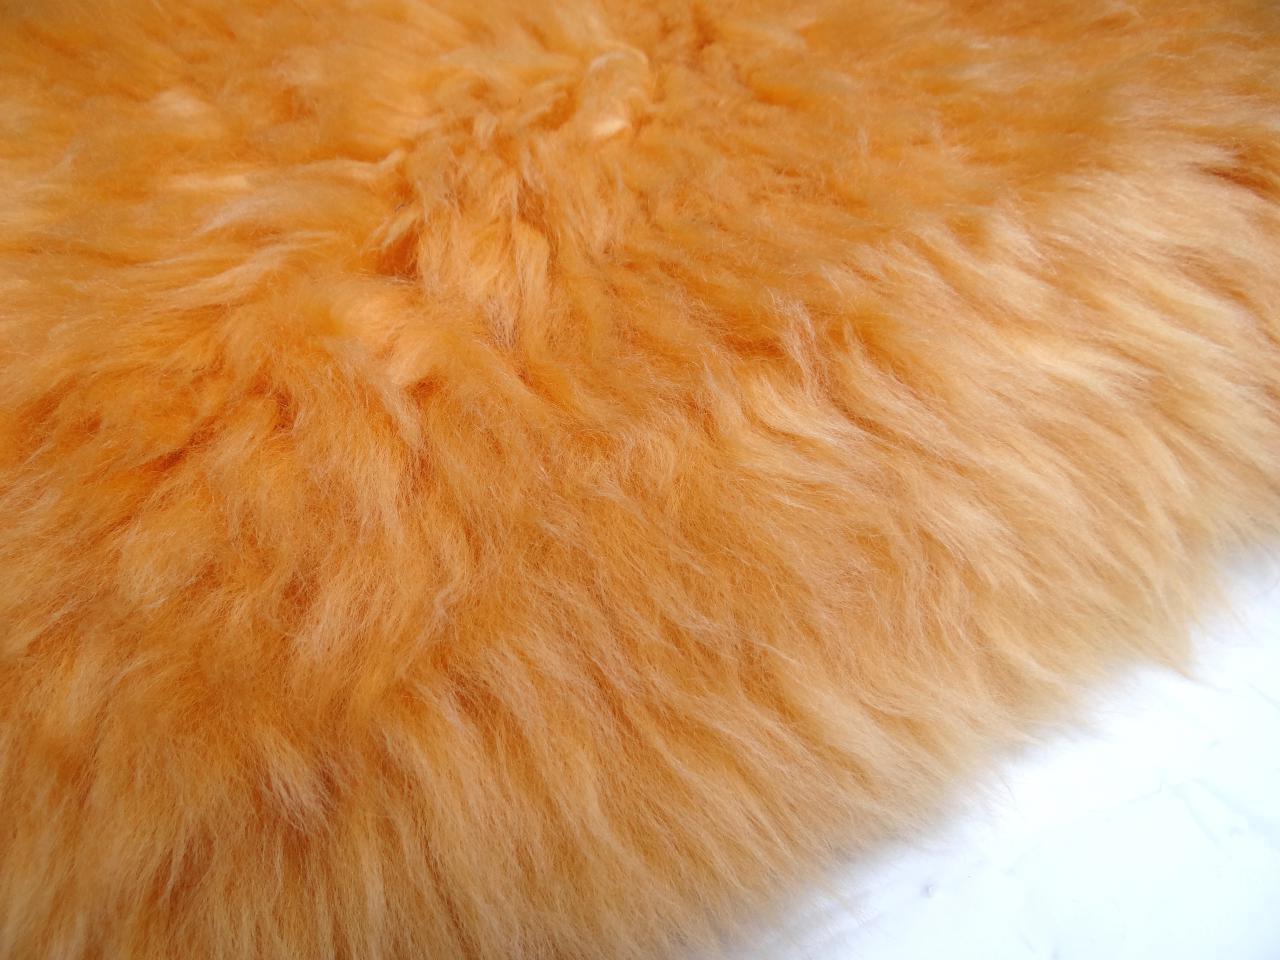 caresse coussin peau de mouton orange coussins en peau de mouton n 2529 50x50cm. Black Bedroom Furniture Sets. Home Design Ideas